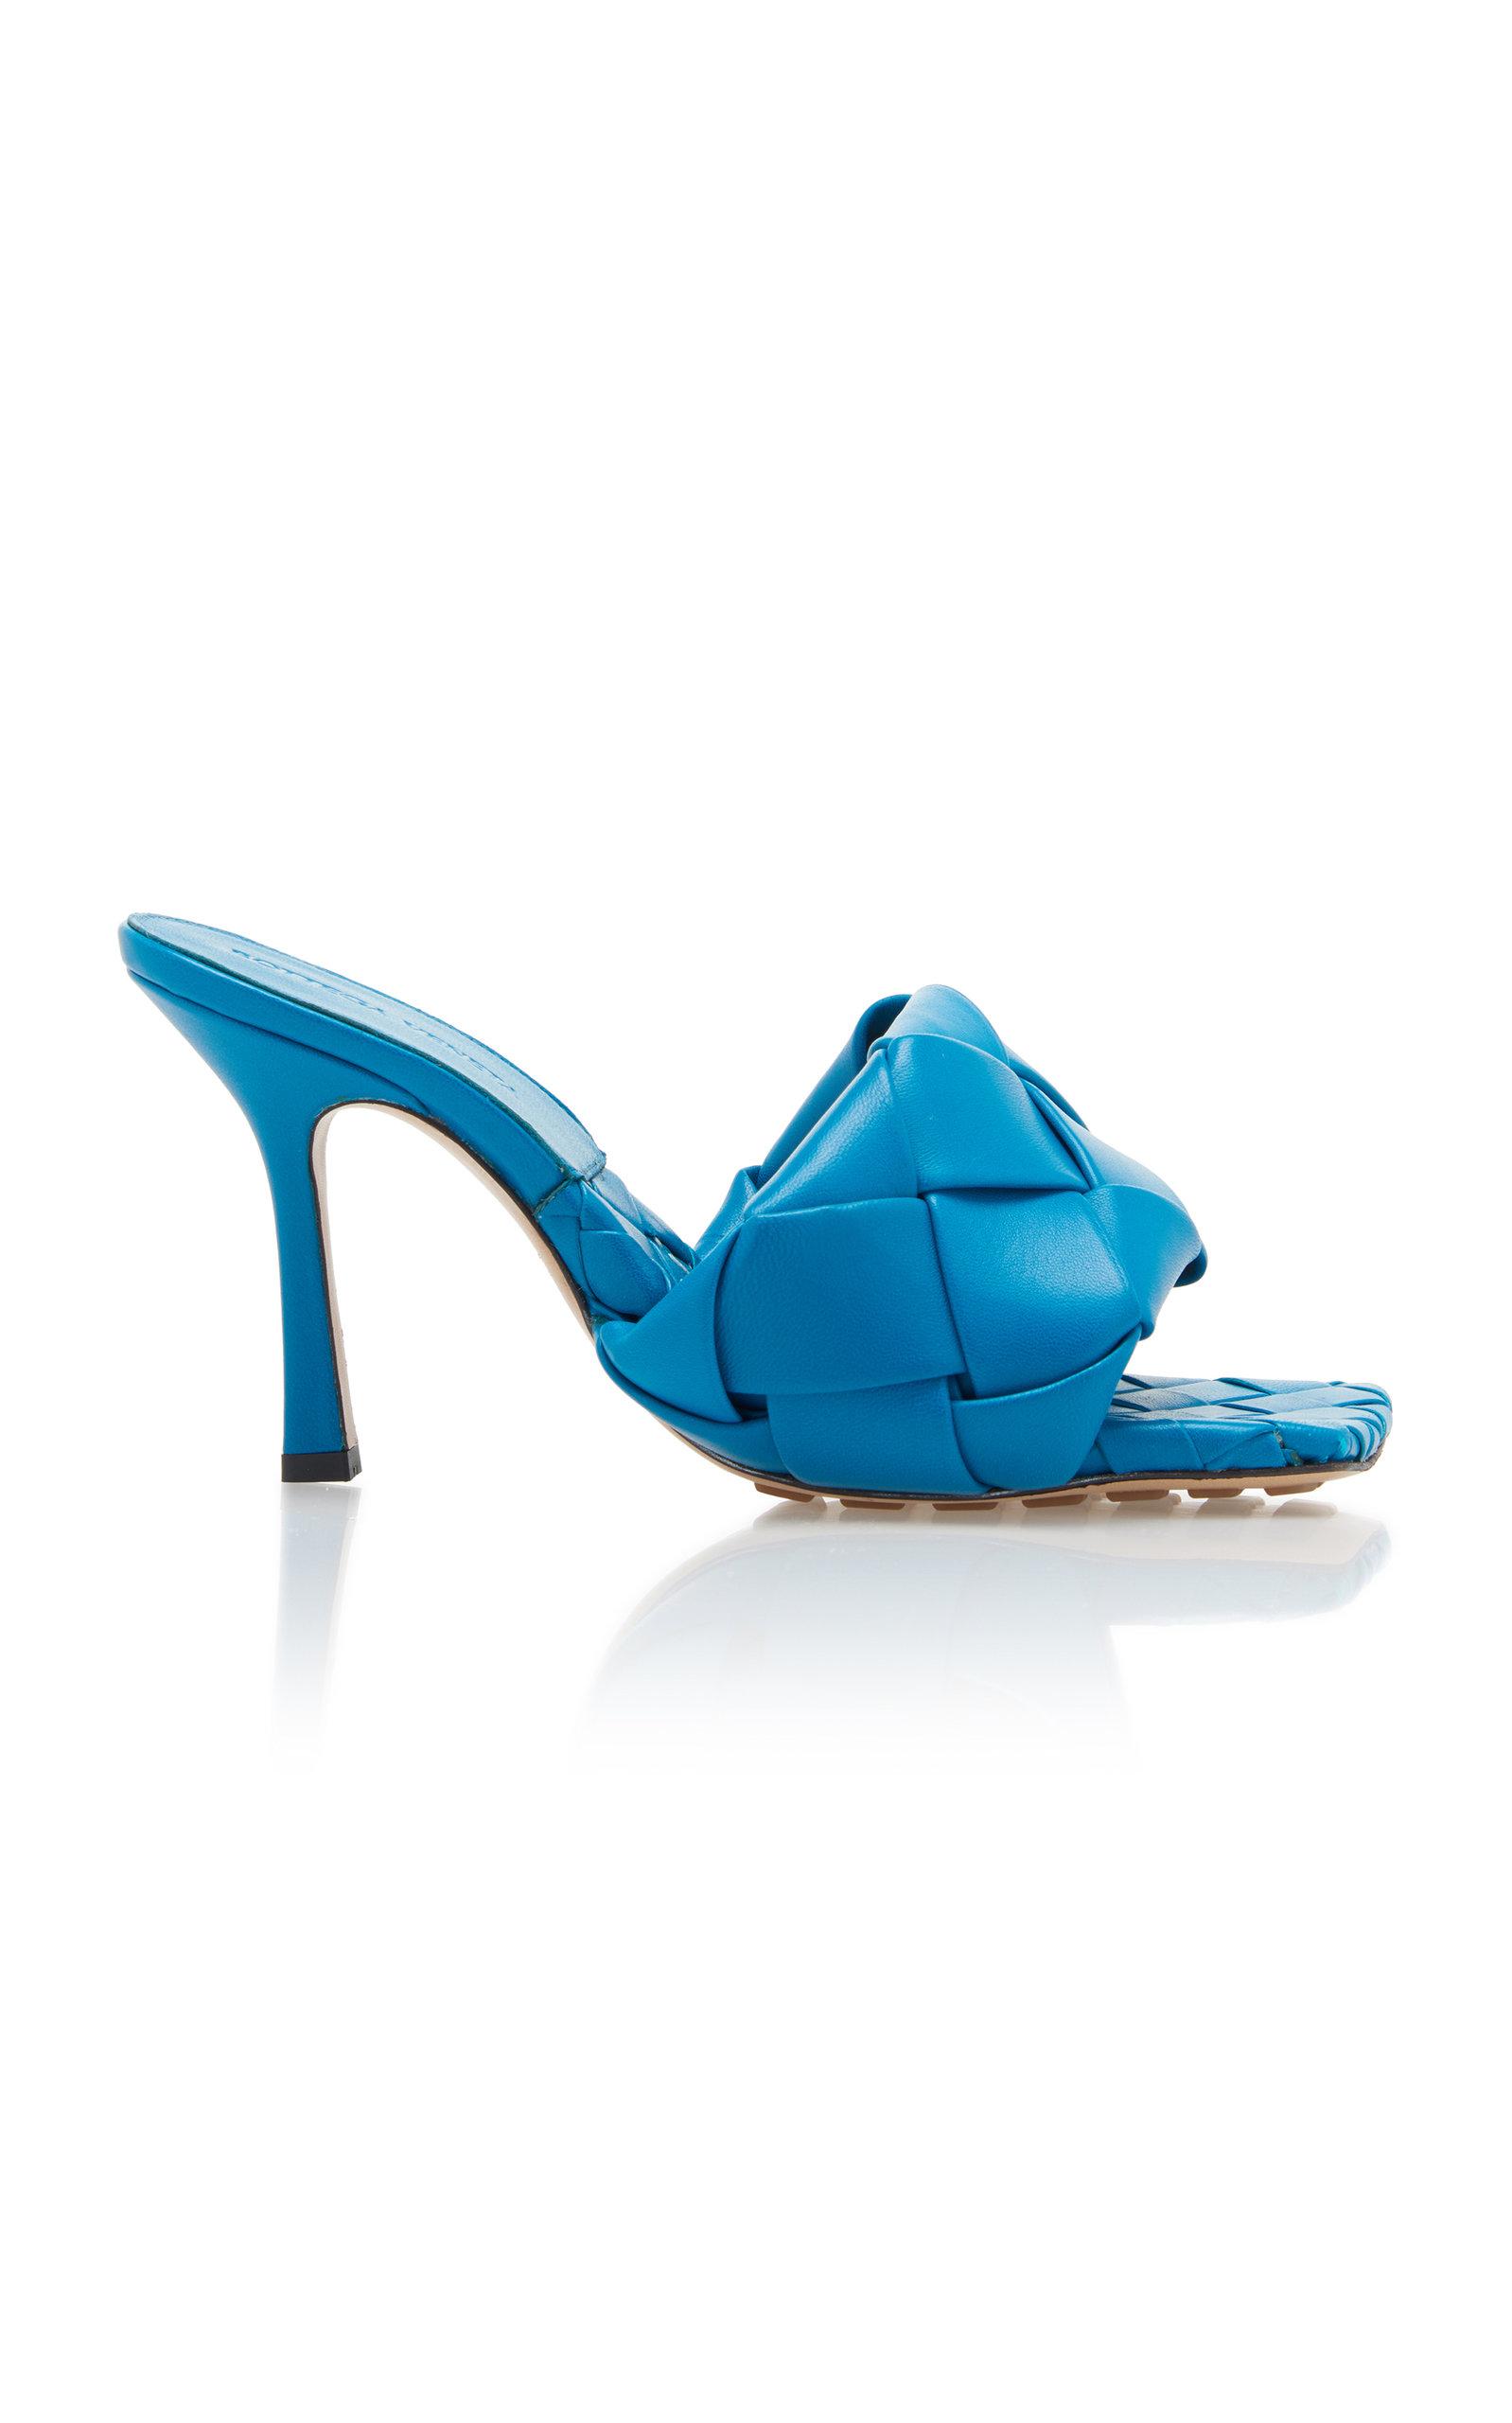 Bottega Veneta – Women's Lido Sandals – Red/blue – Moda Operandi